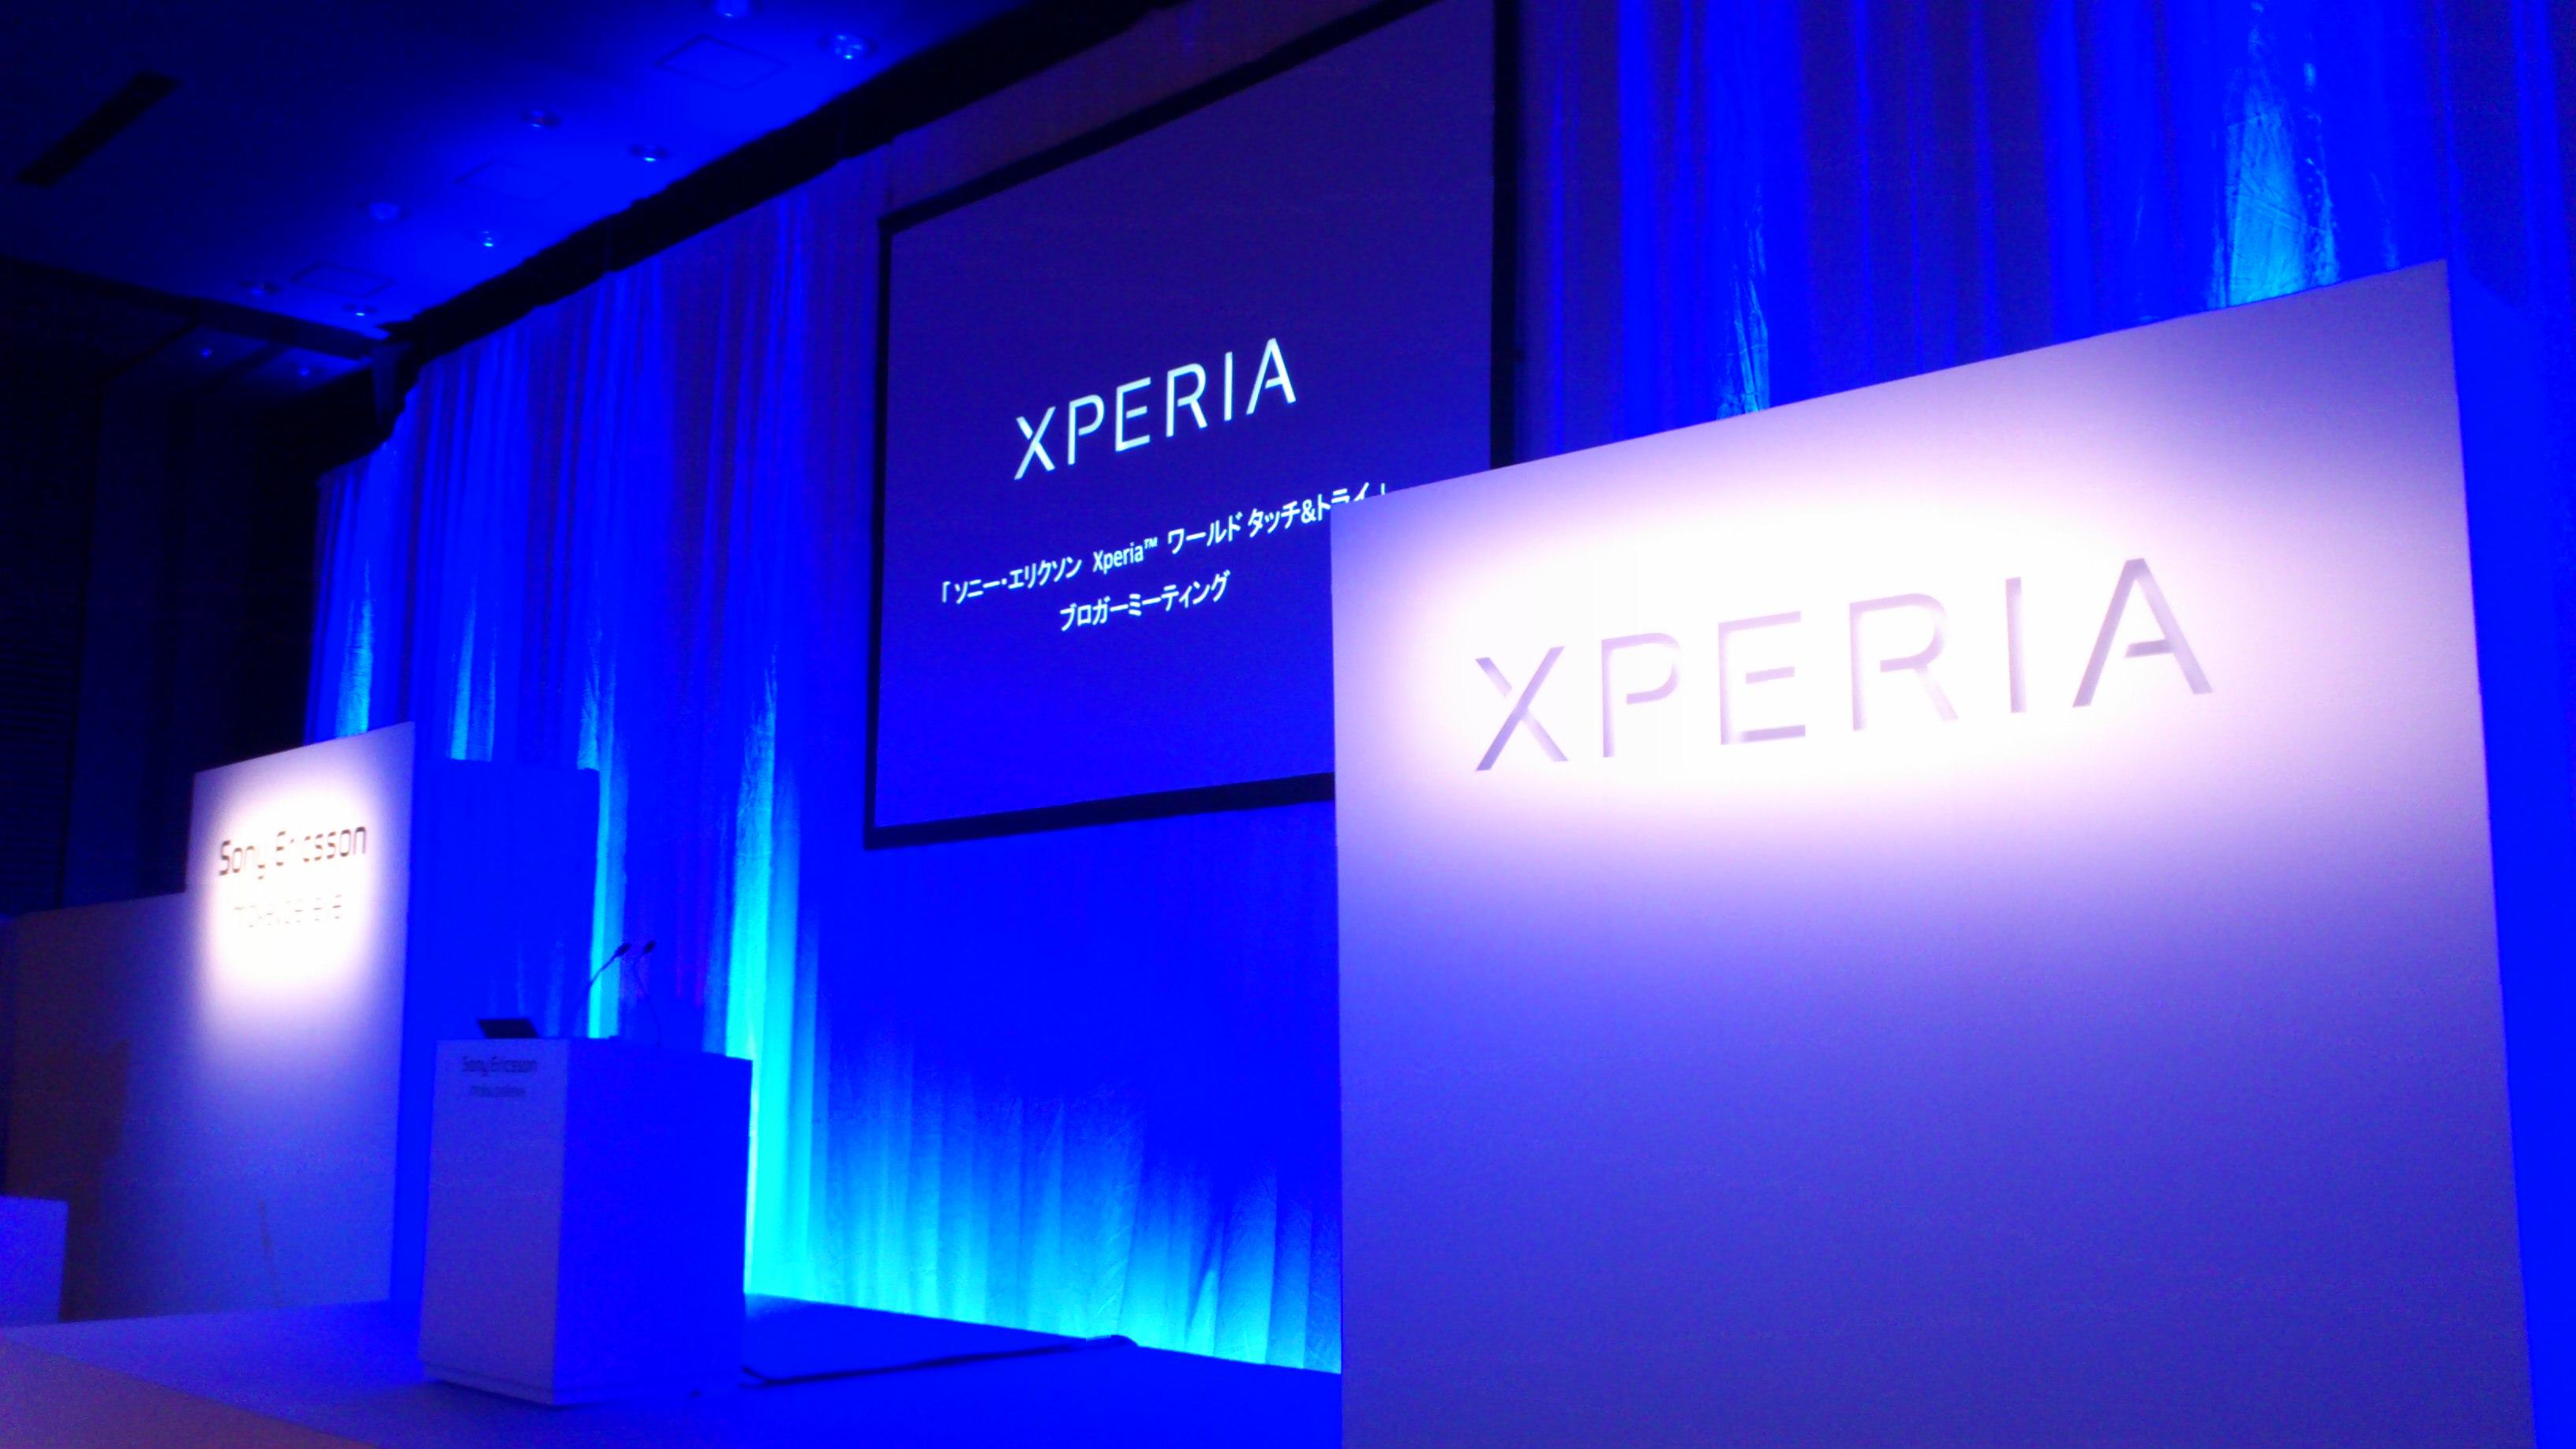 【イベント報告】「ソニー・エリクソン Xperiaワールド タッチ& トライ」ブロガーミーティング